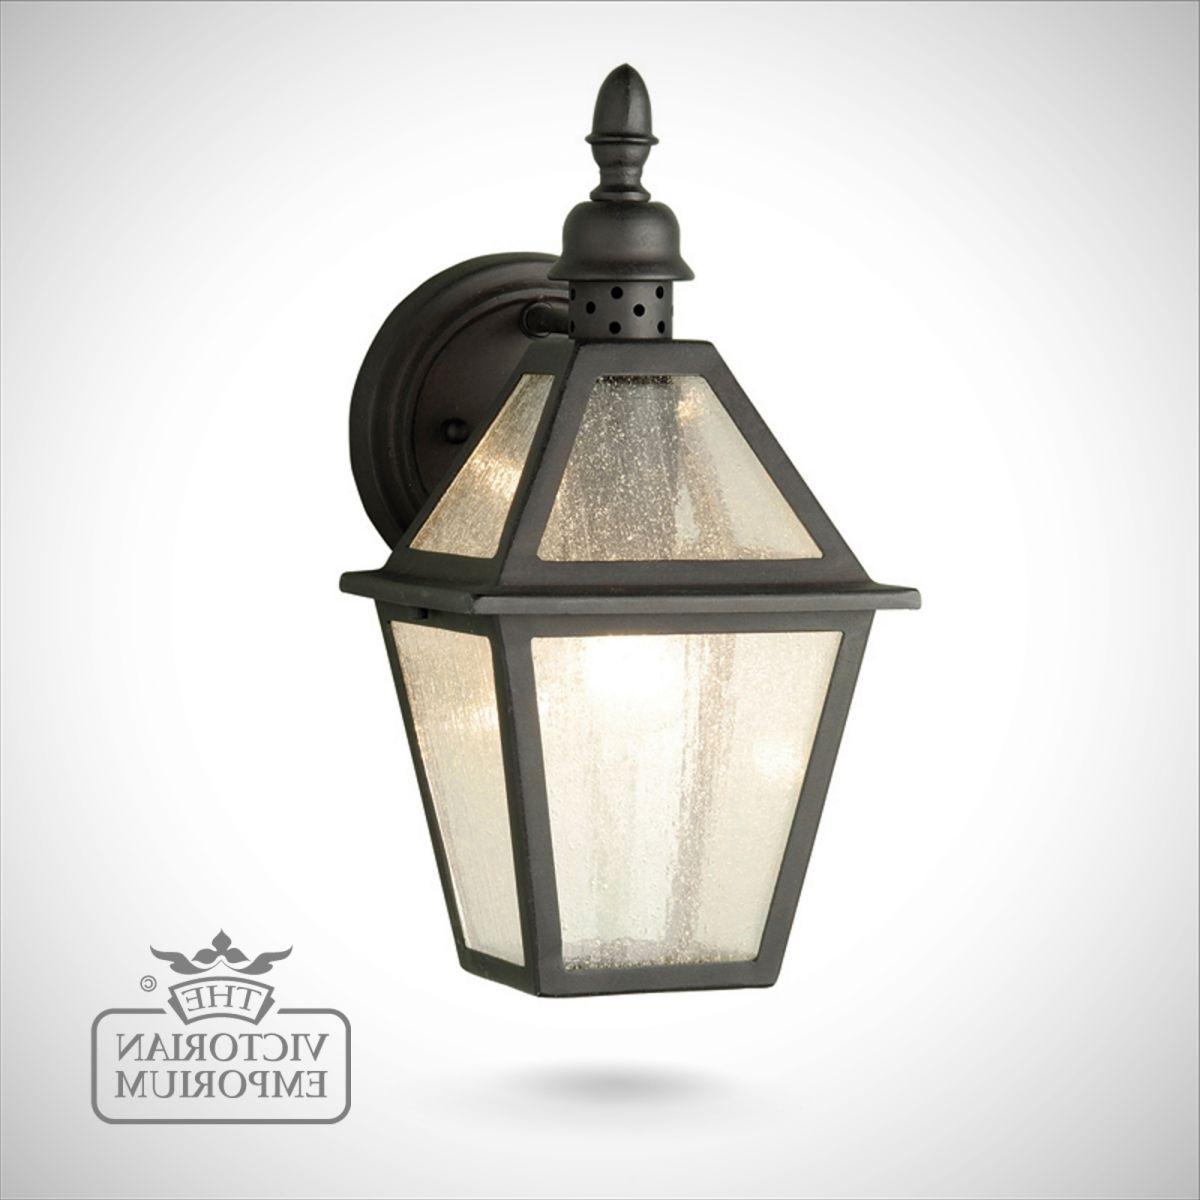 Popular Victorian Outdoor Lighting – Outdoor Lighting Ideas With Regard To Victorian Outdoor Lanterns (View 7 of 20)